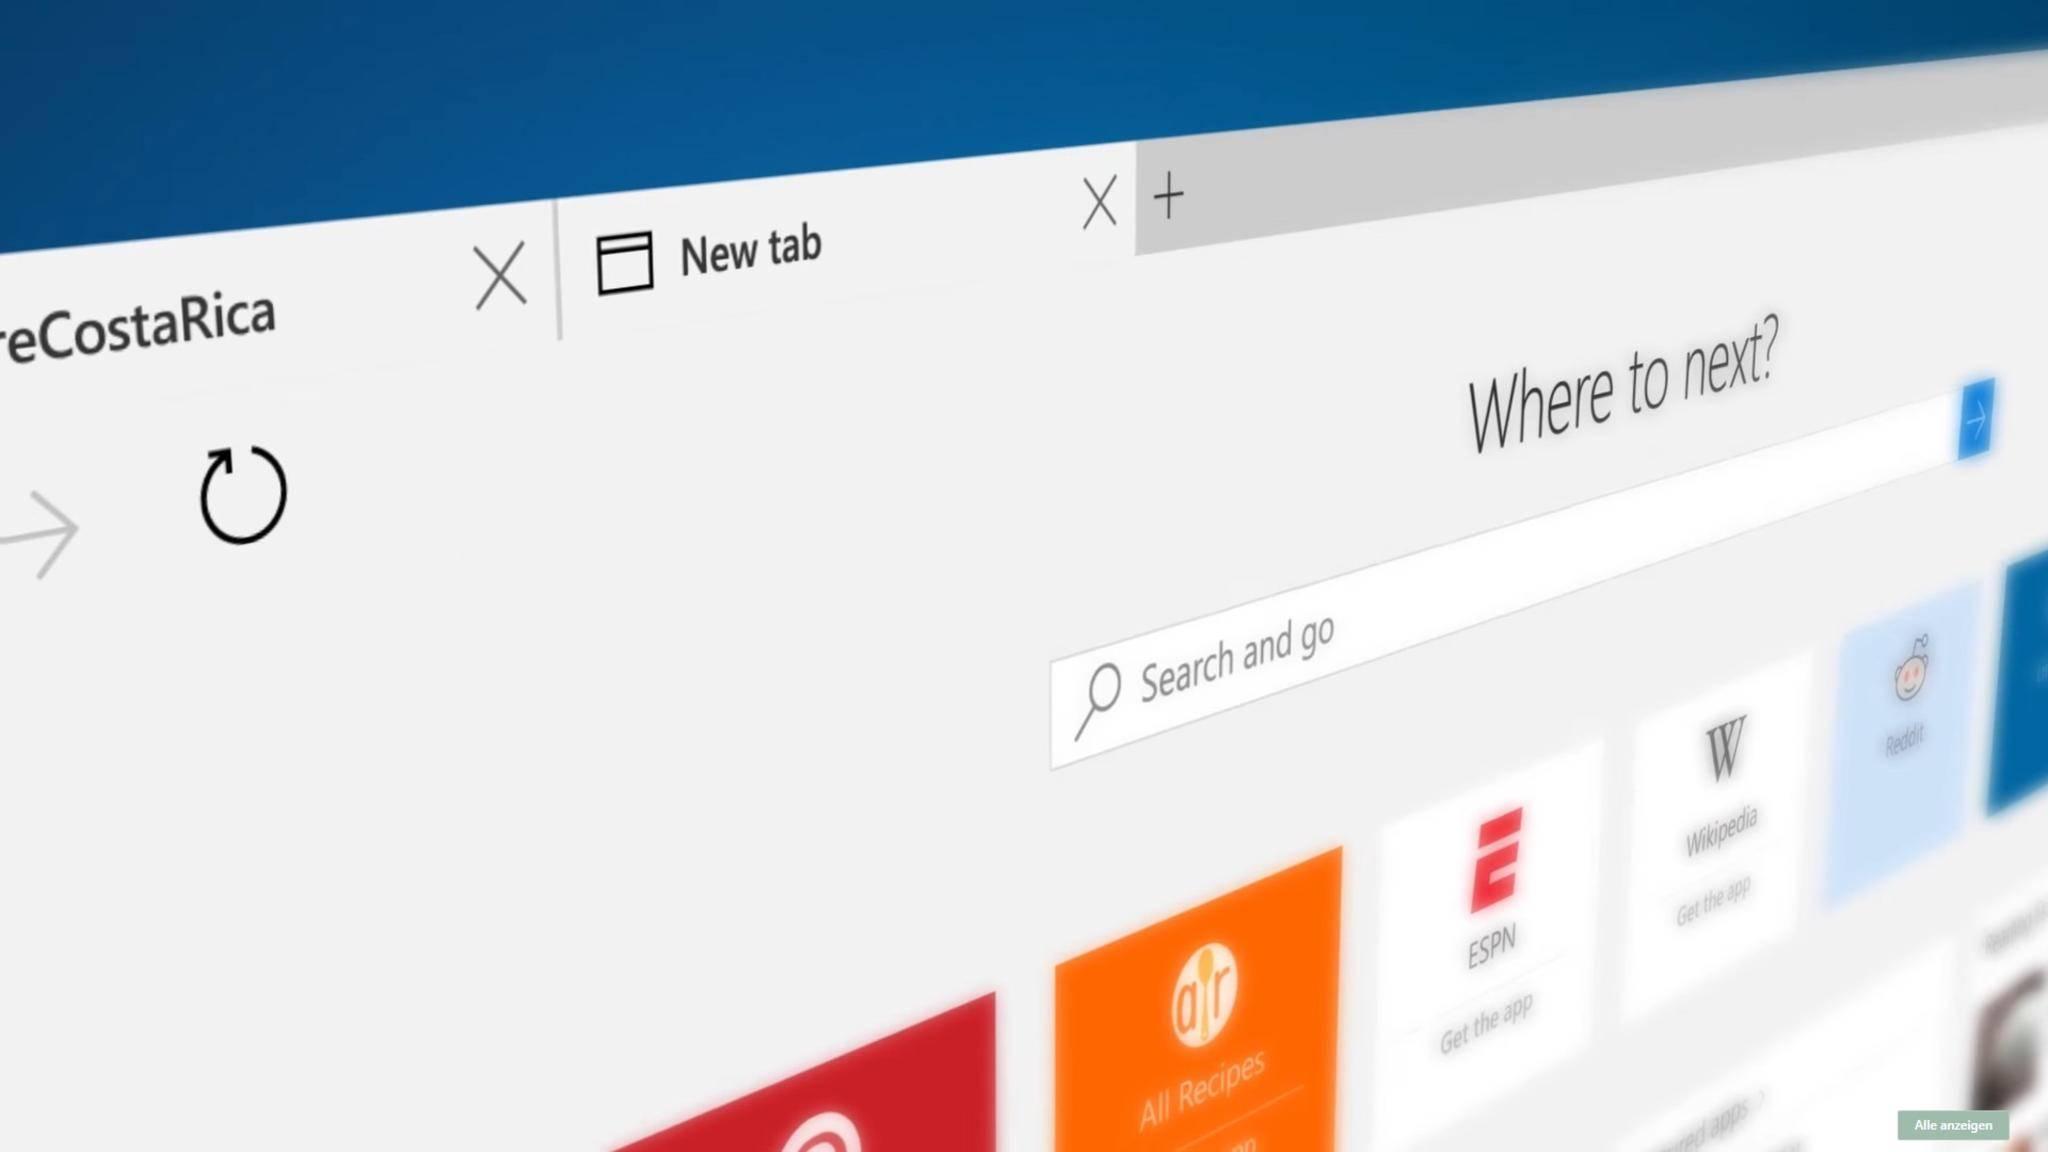 Angeblich erhält der Edge-Browser bald einen Full-Screen-Modus.